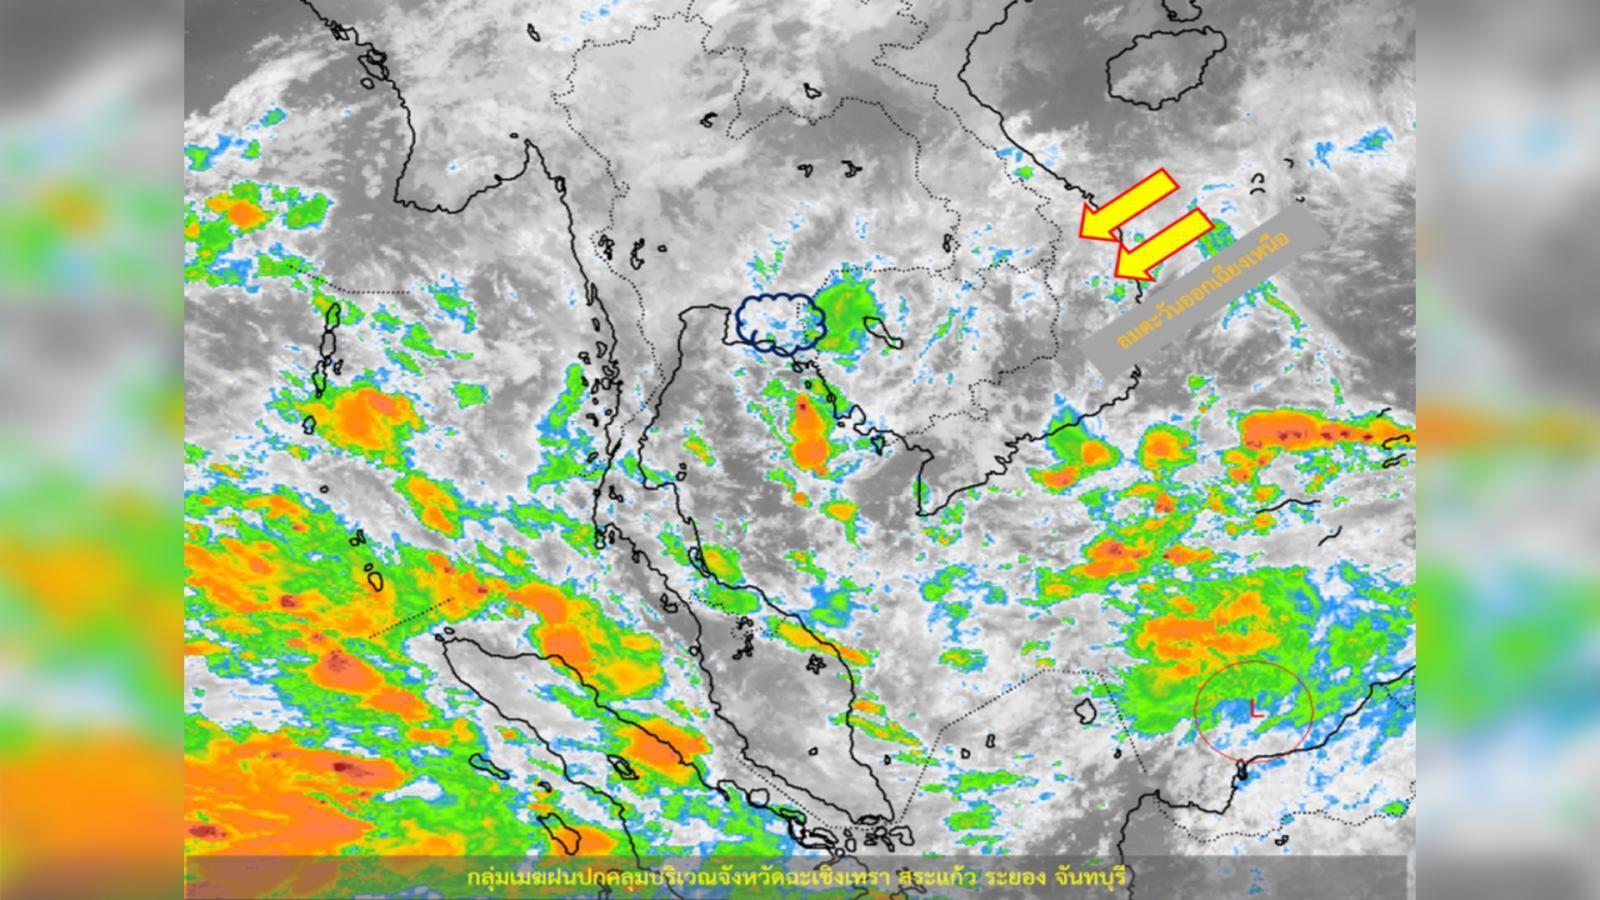 อุตุฯ เผย ไทยตอนบนมีอุณหภูมิสูงขึ้น – ภาคใต้มีฝนตกร้อยละ 60-70